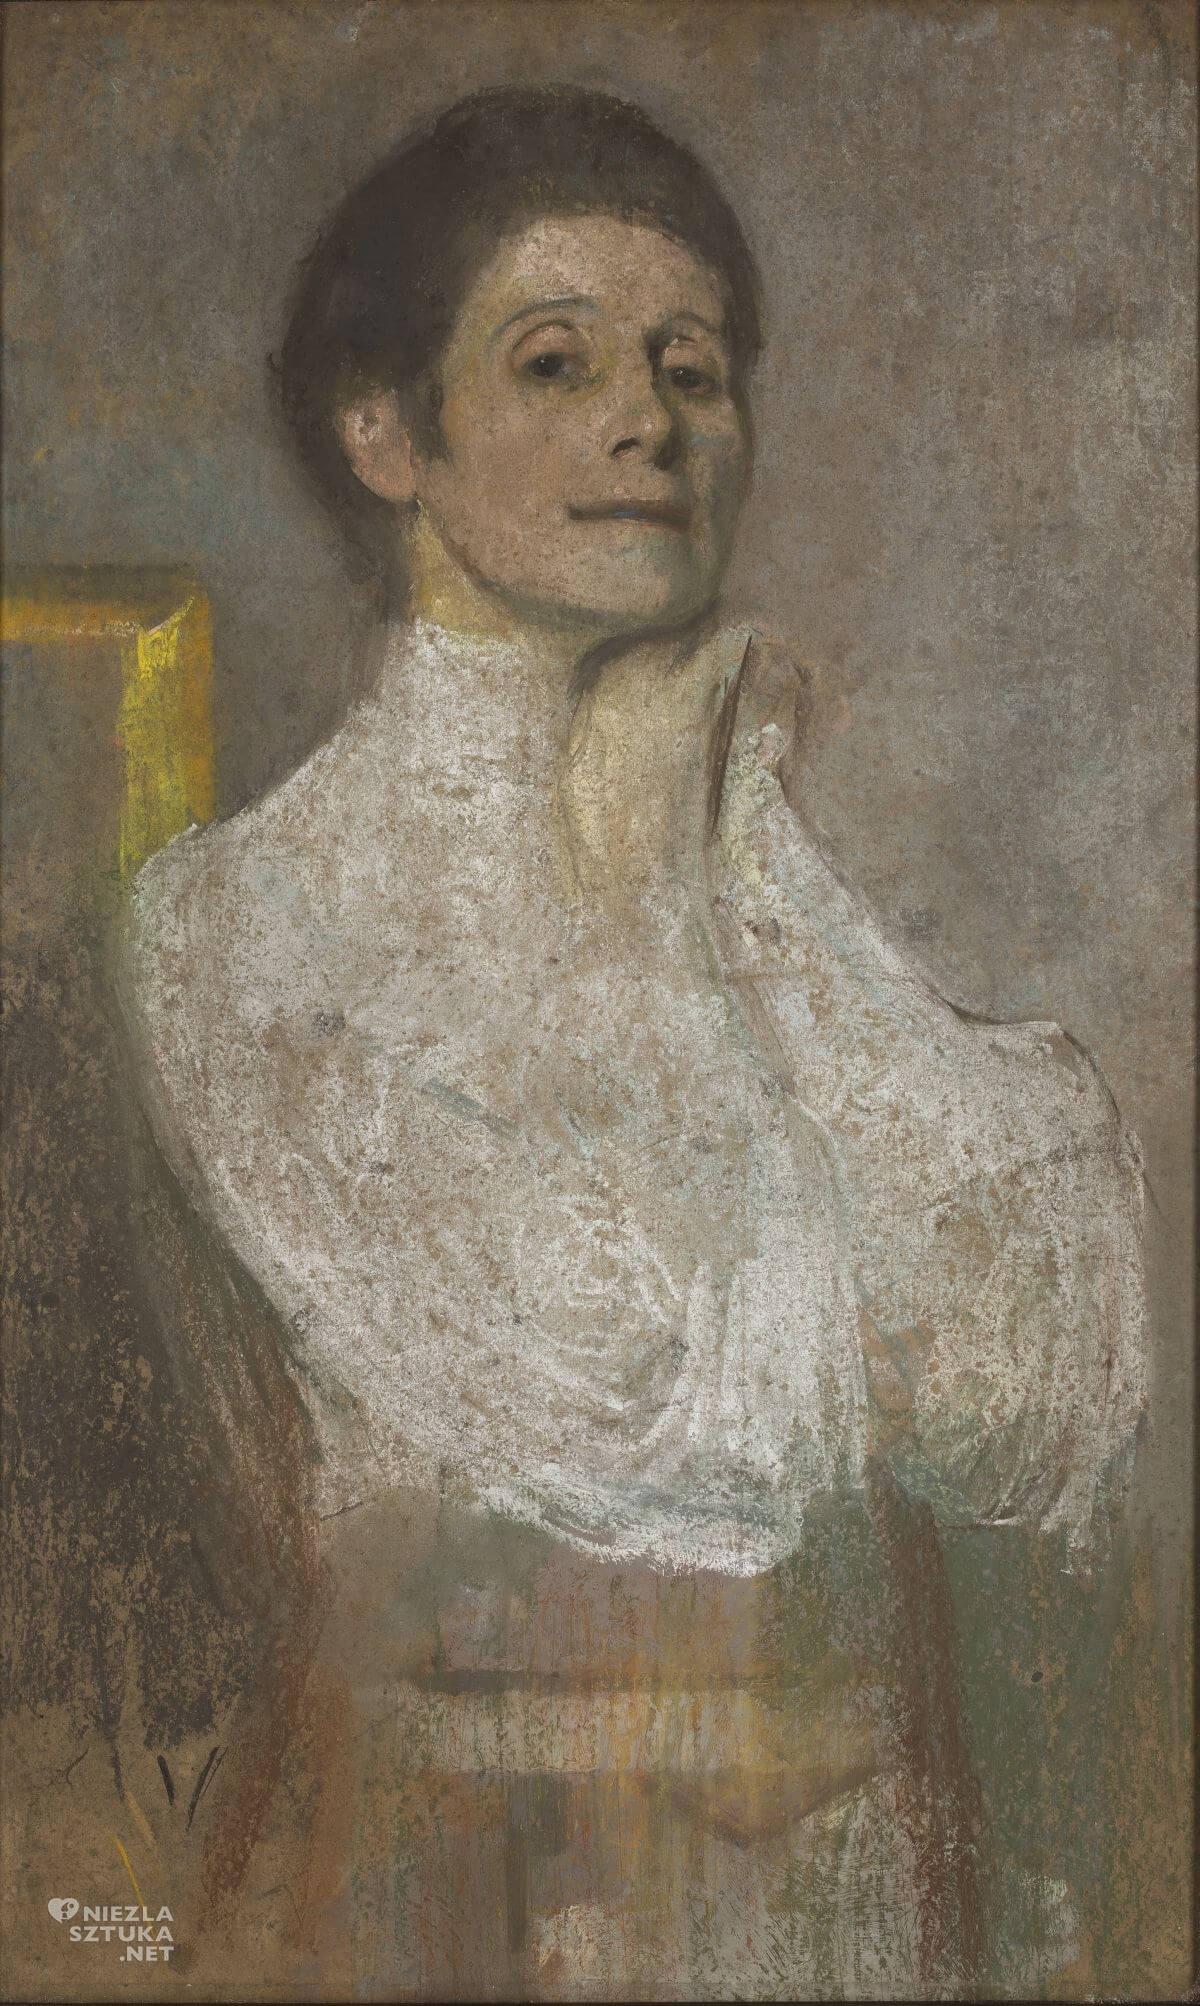 Olga Boznańska, Autoportret, Muzeum Narodowe w Warszawie, sztuka polska, malarstwo polskie, Niezła sztuka